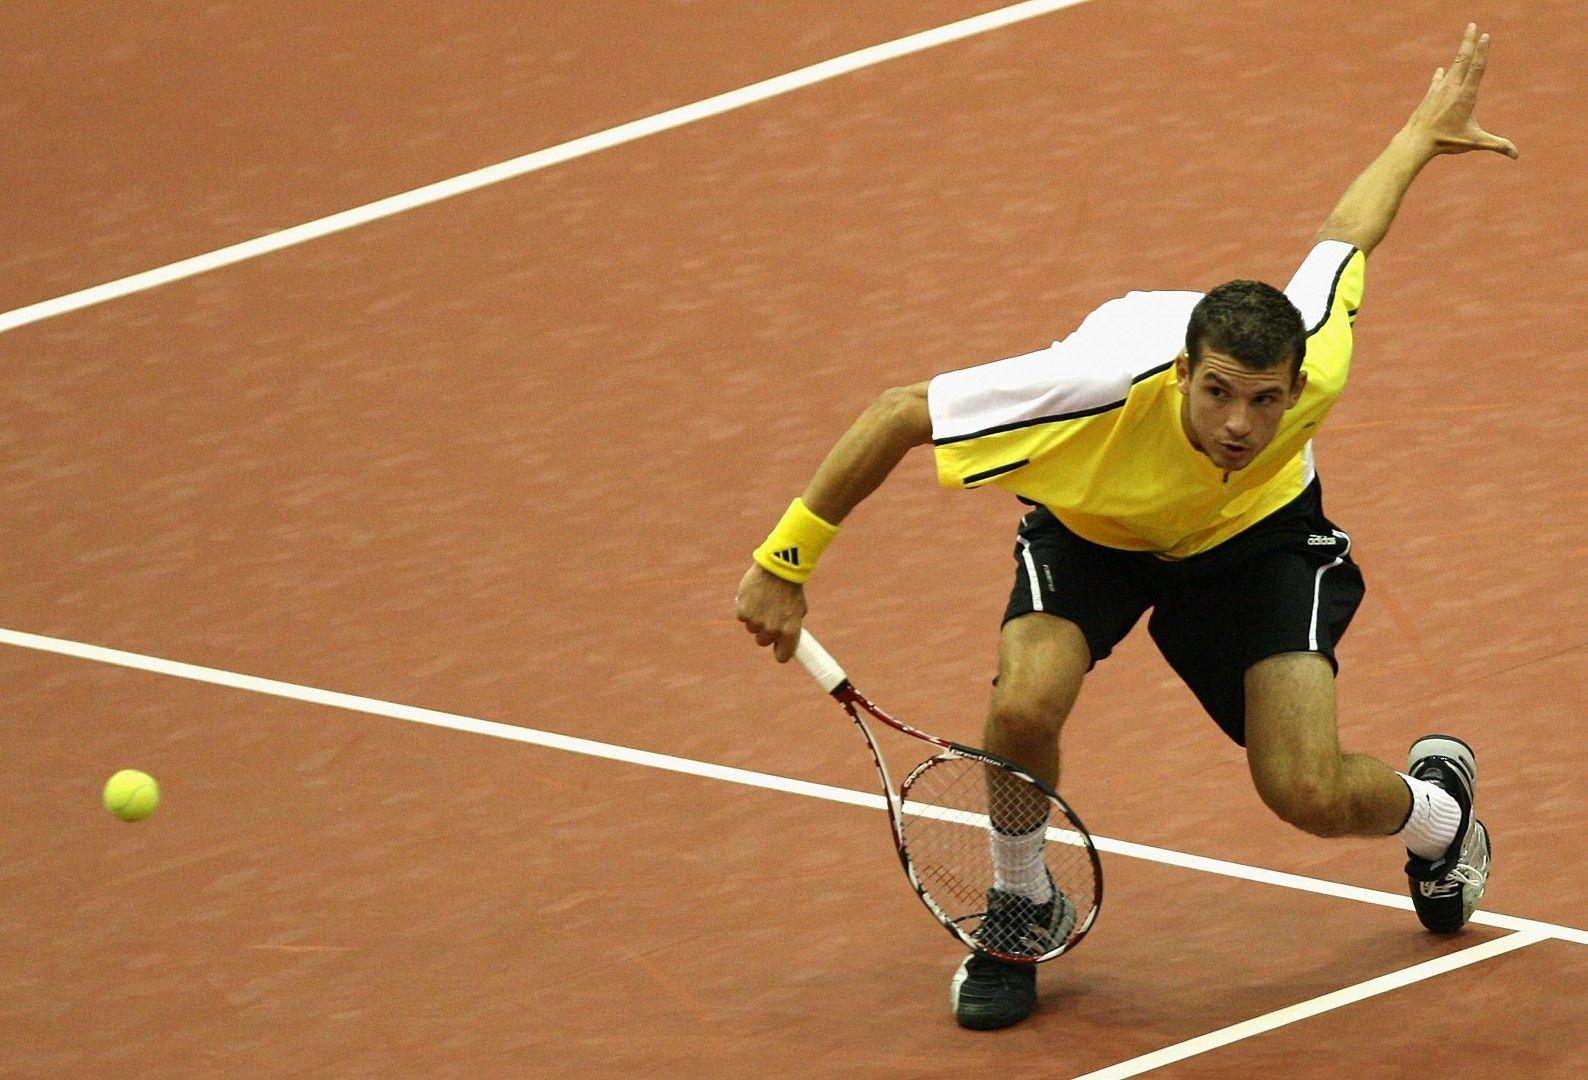 Първата голяма победа над Бердих (2009)